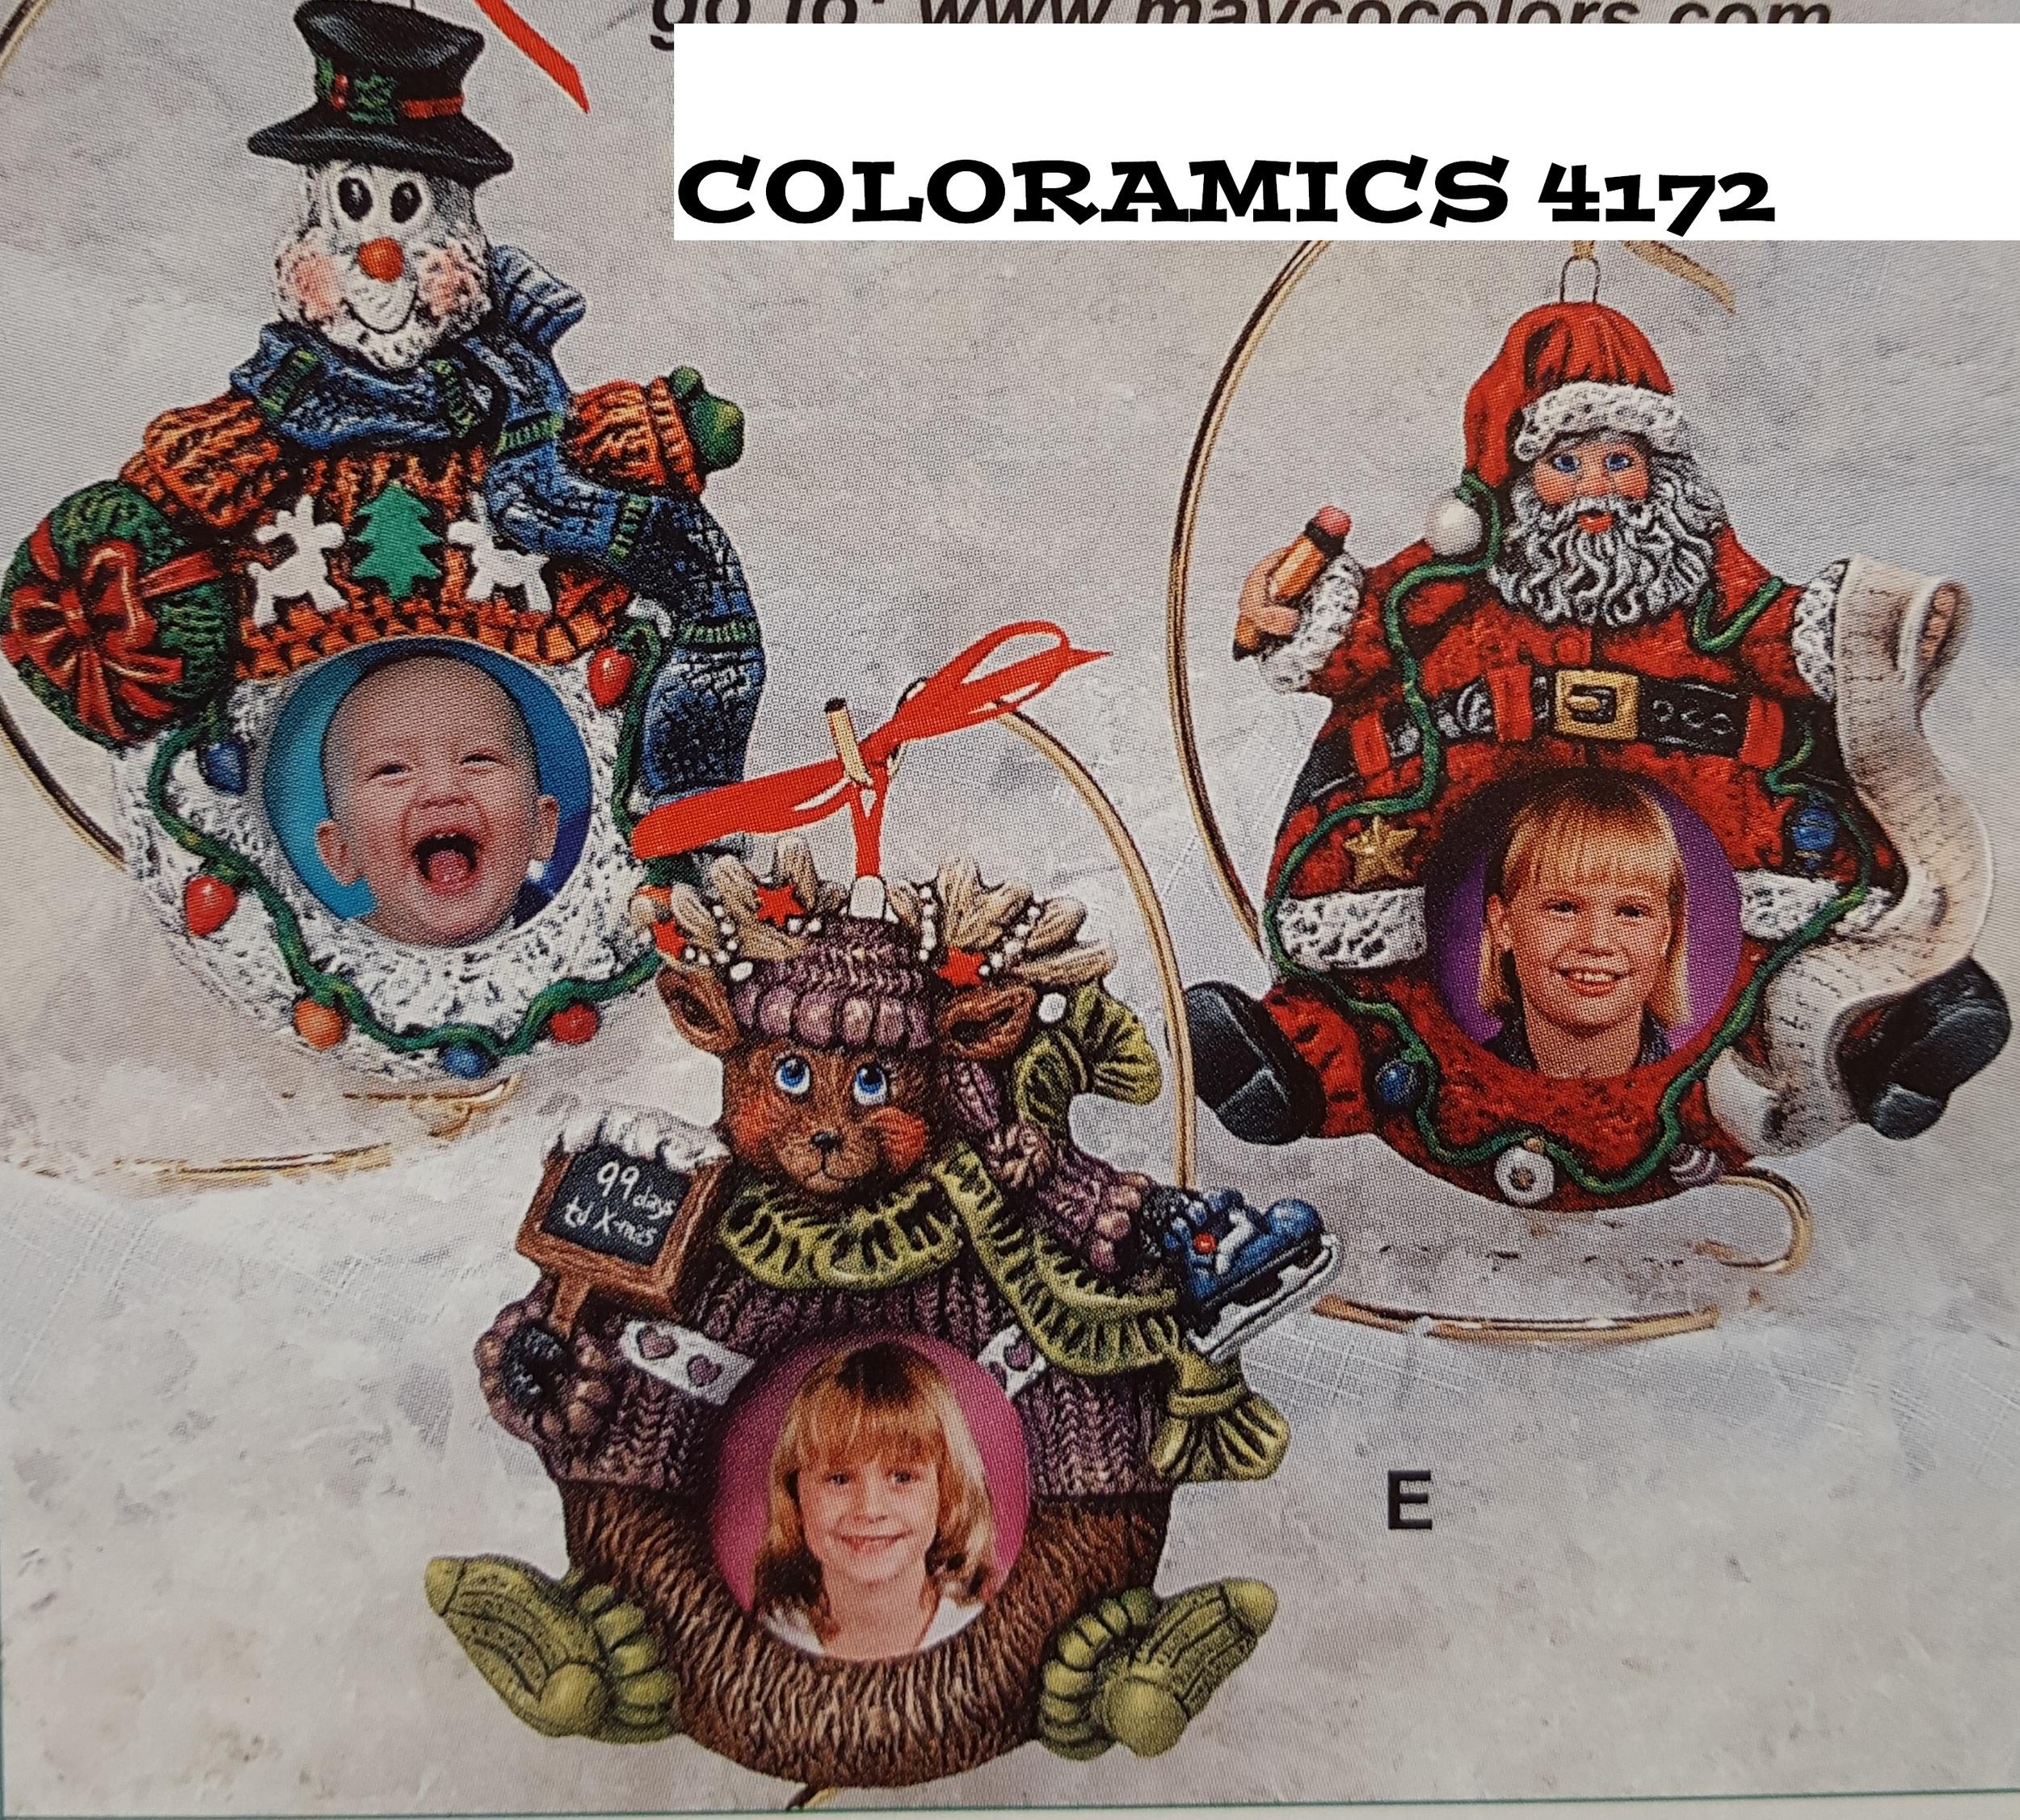 coloramics4172.jpg